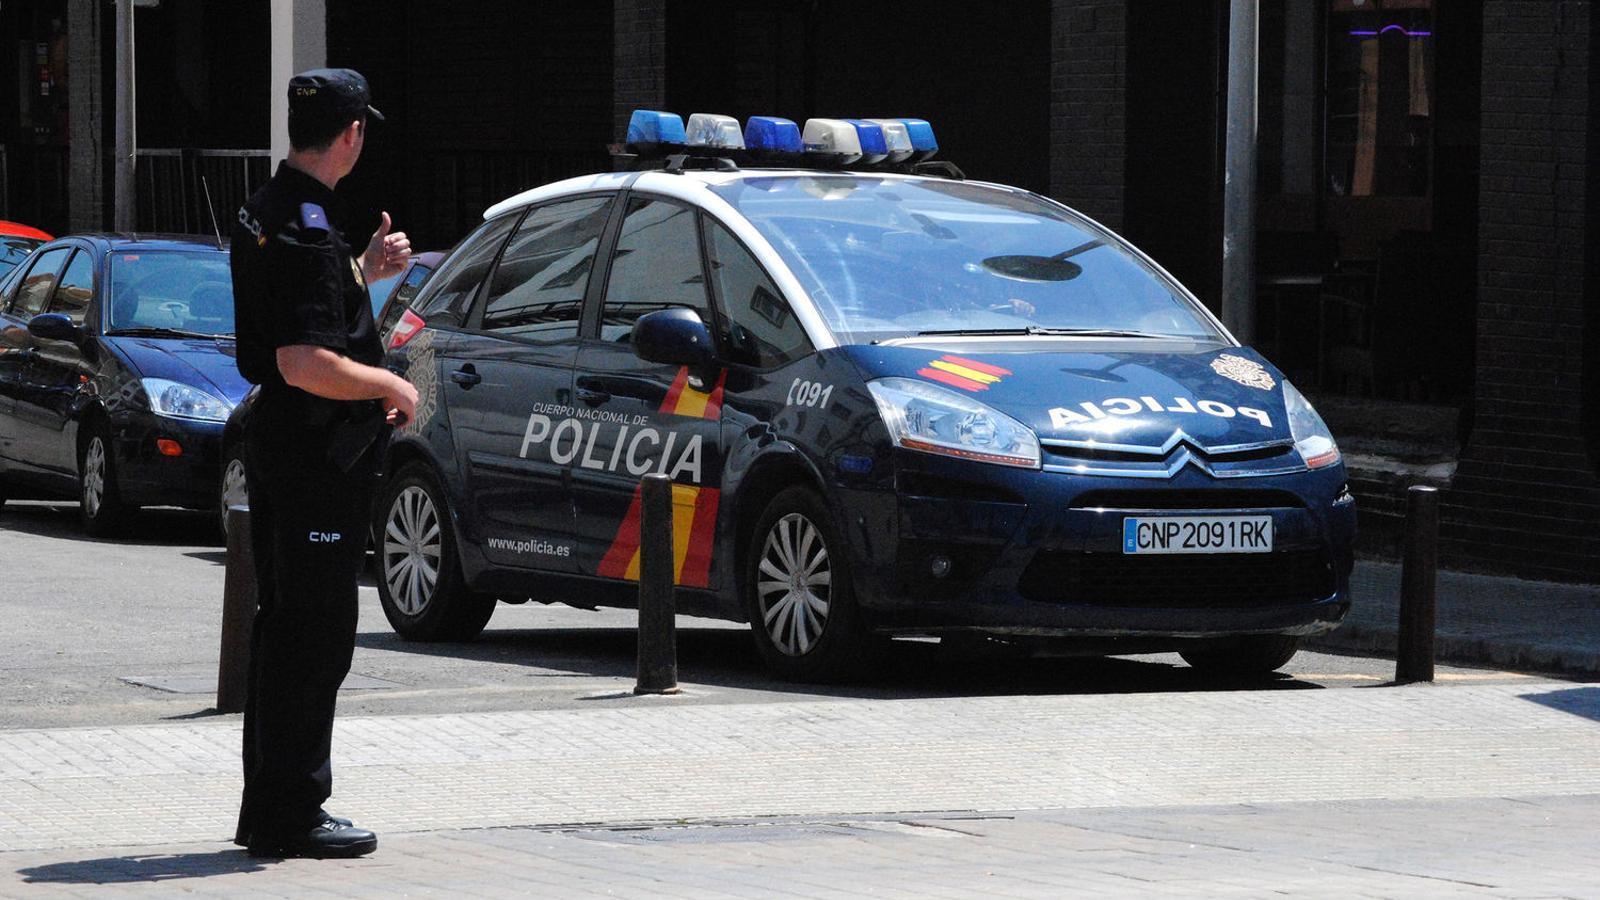 La Policia Nacional cerca a l'home acusat d'agredir al jove.